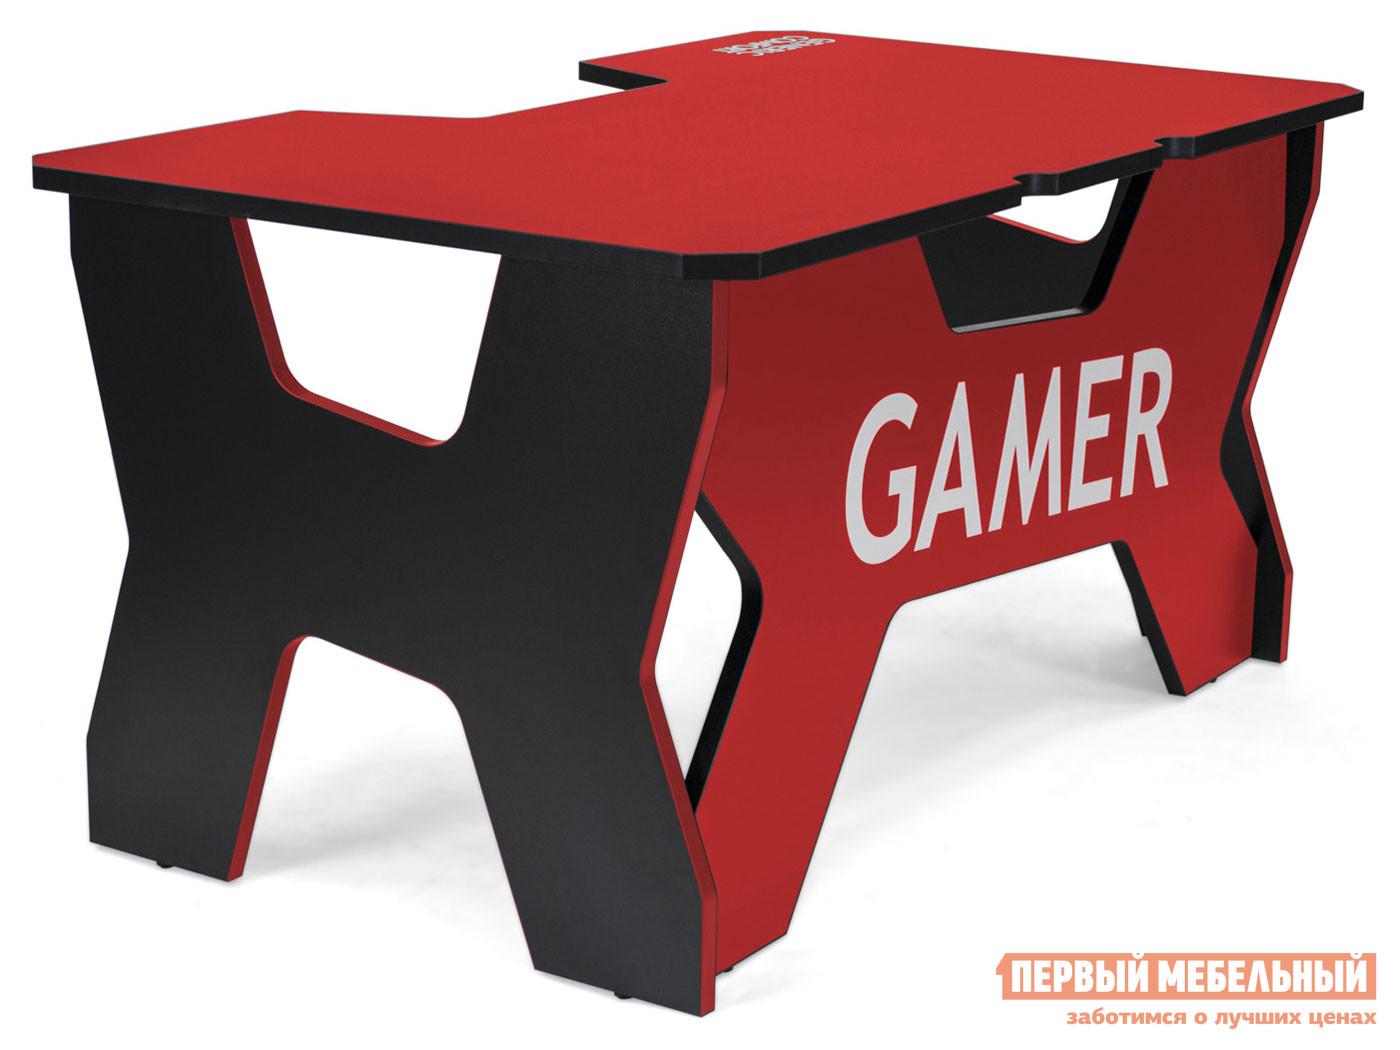 Игровой компьютерный стол DxRacer Generic Comfort Gamer2